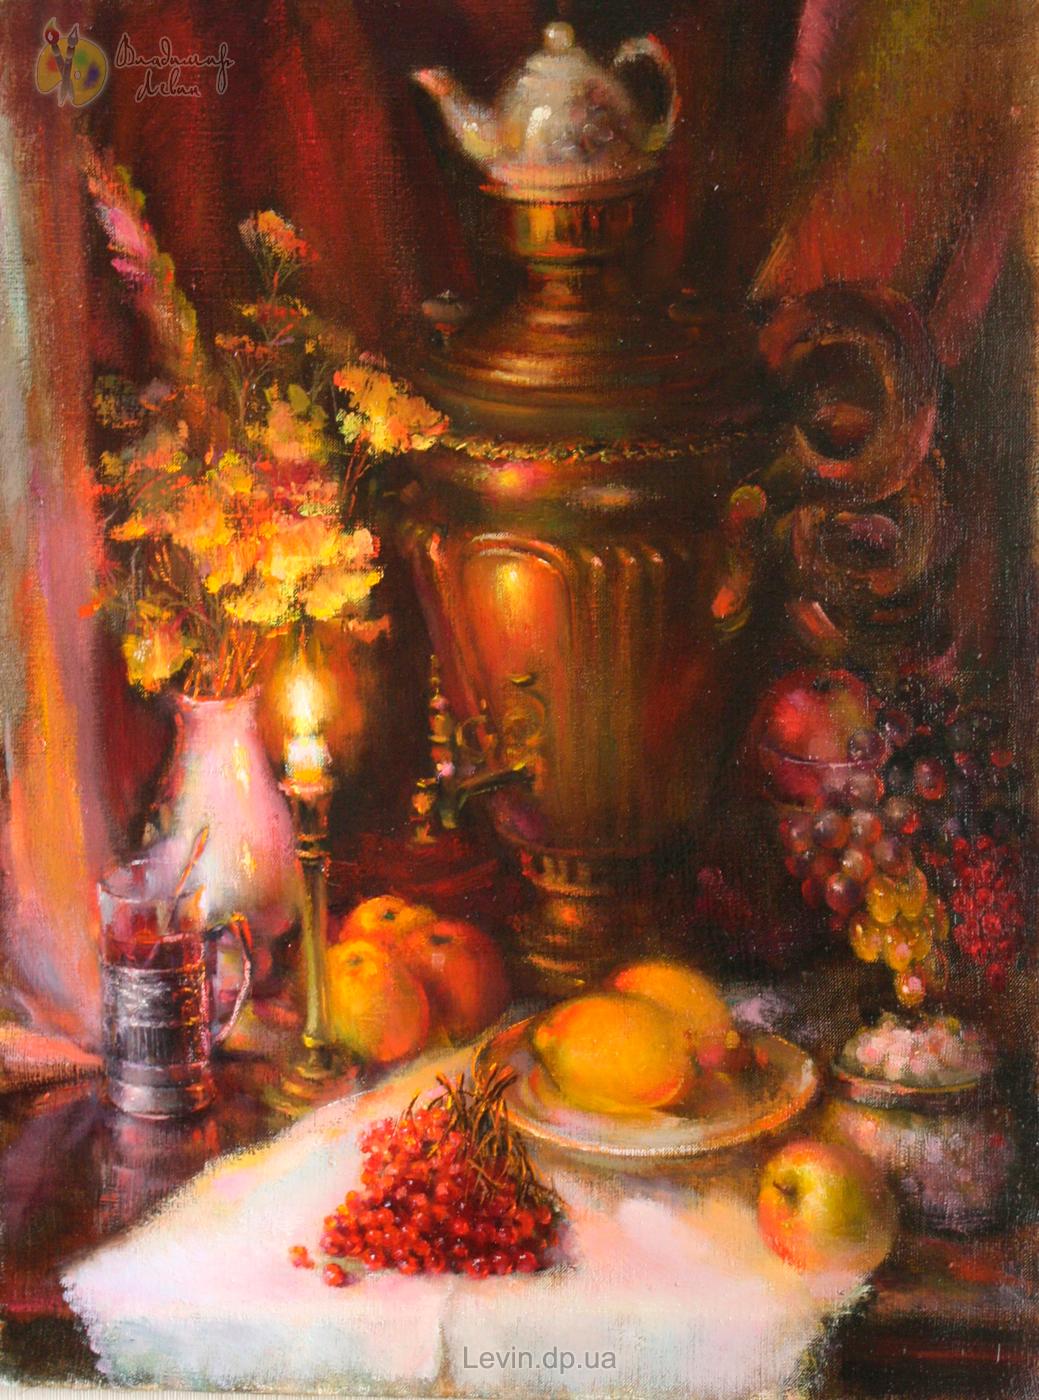 Натюрморт с самоваром, фруктами